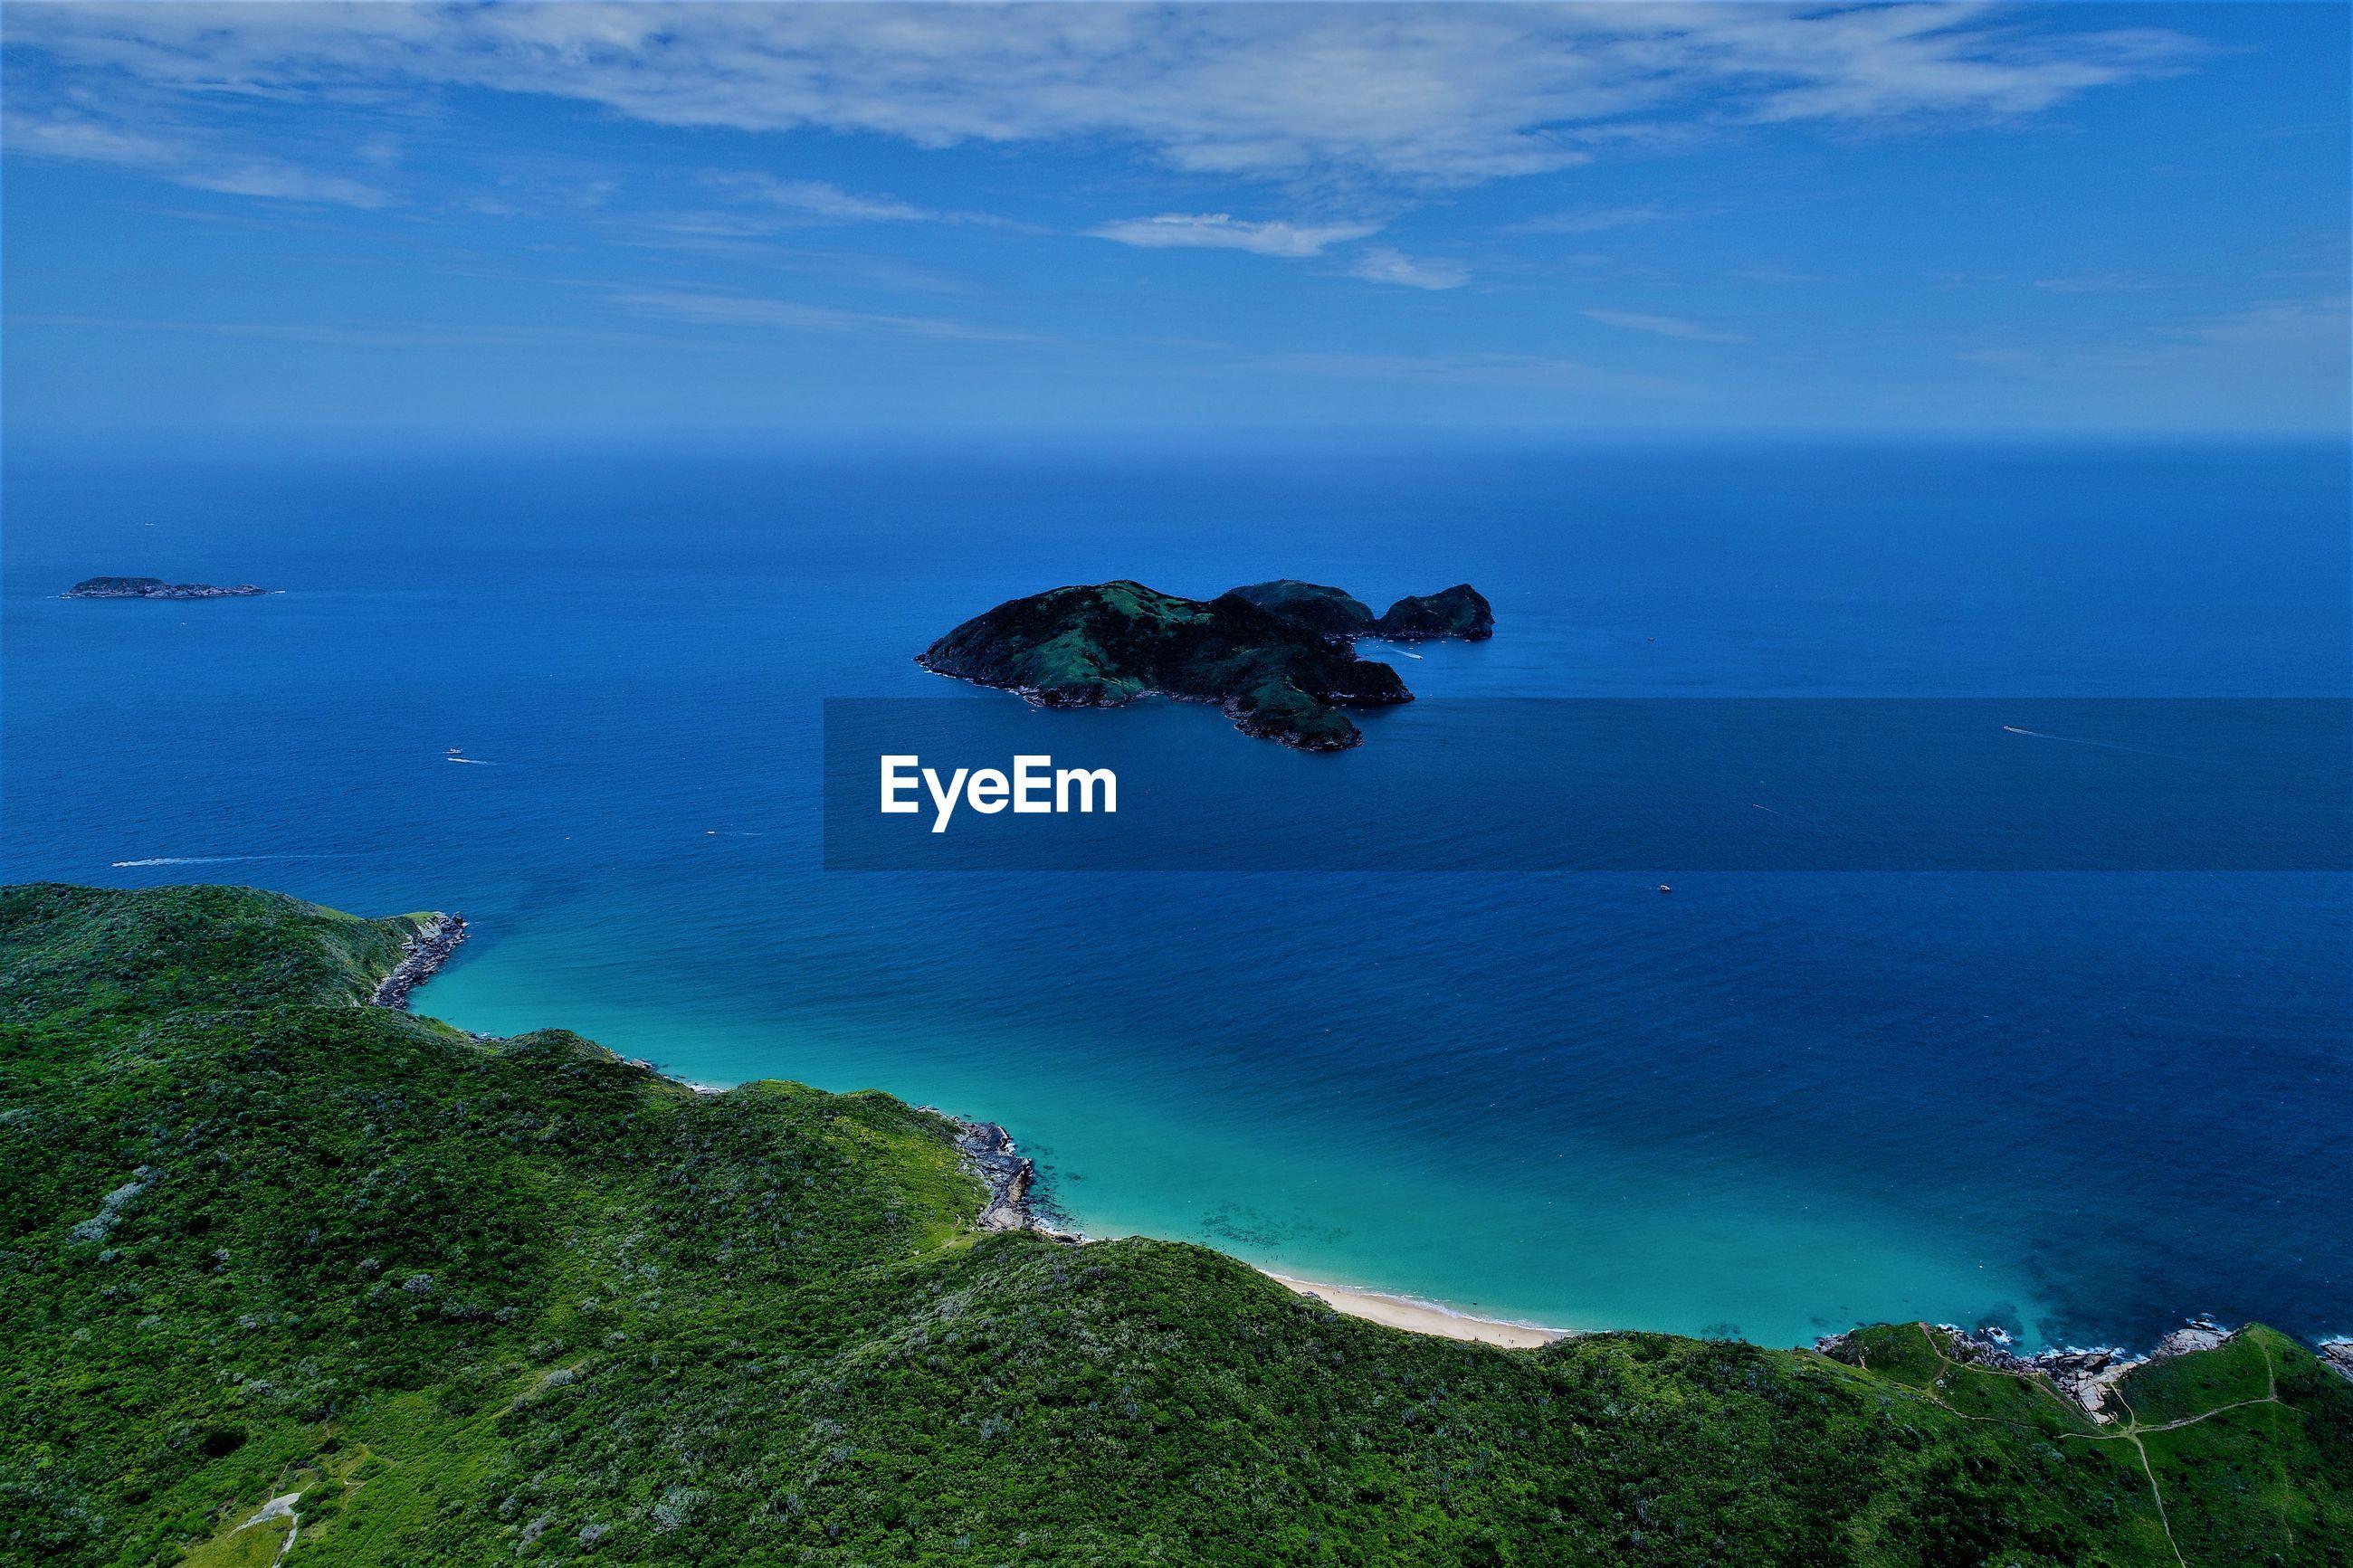 HIGH ANGLE VIEW OF SEA AND ROCKS